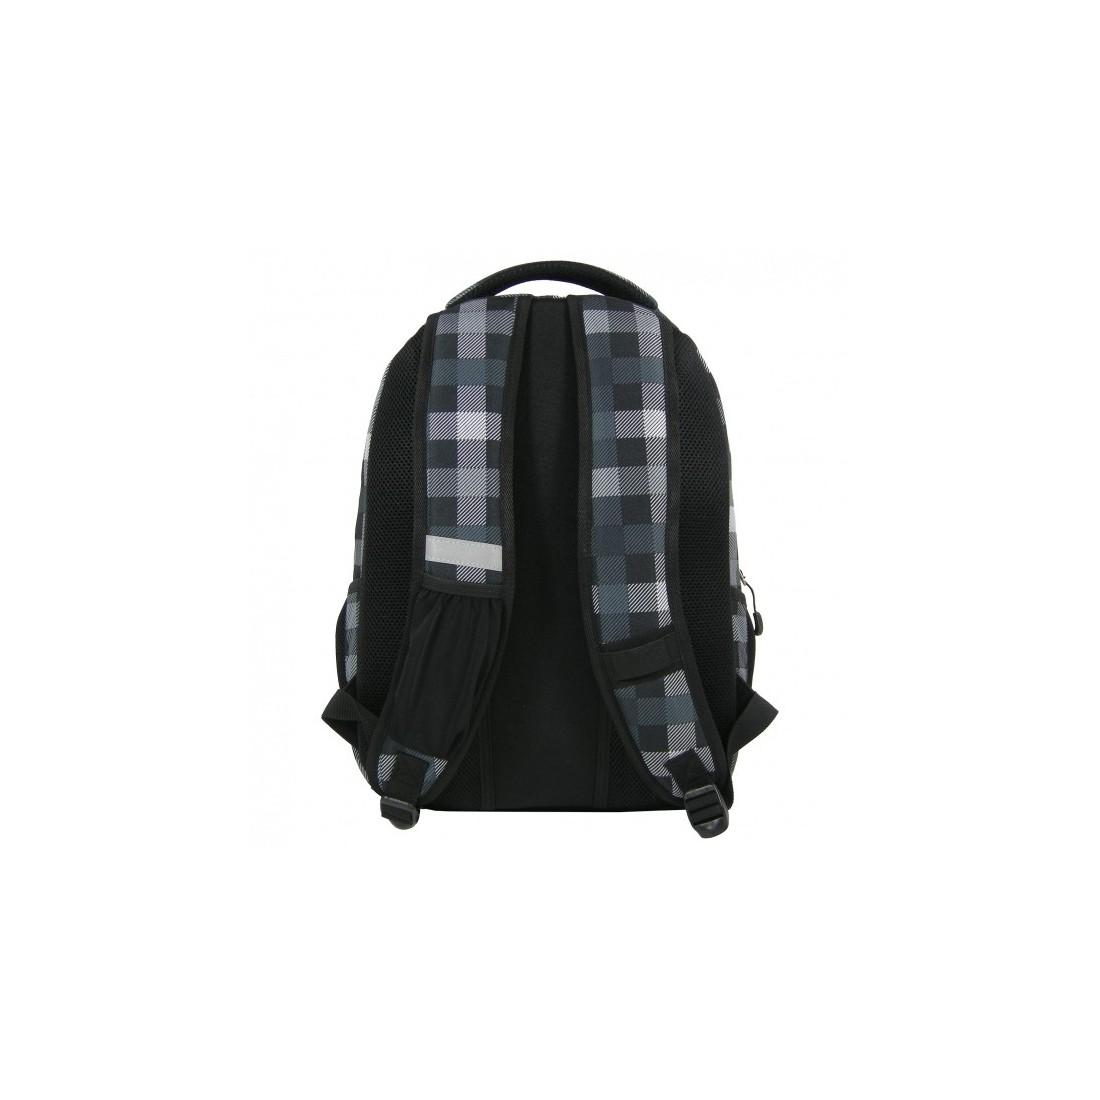 Plecak młodzieżowy w szarą kratkę - plecak-tornister.pl